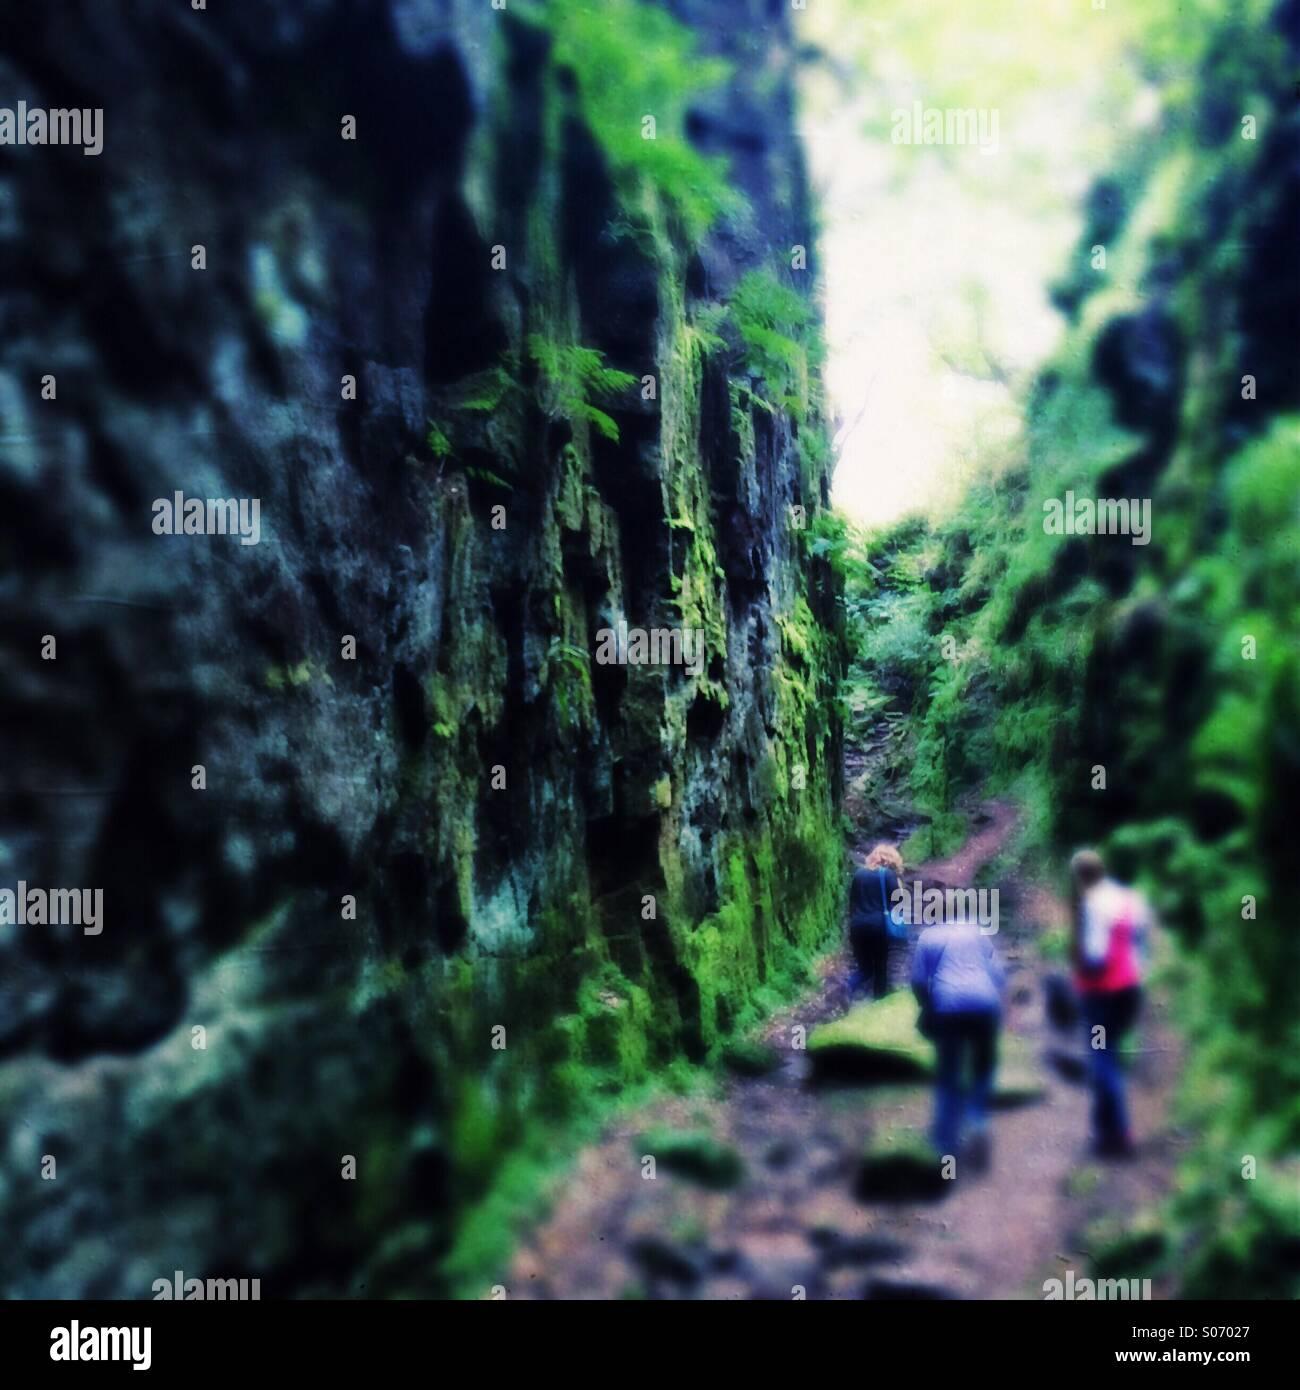 Tres personas en una garganta rocosa verde Imagen De Stock